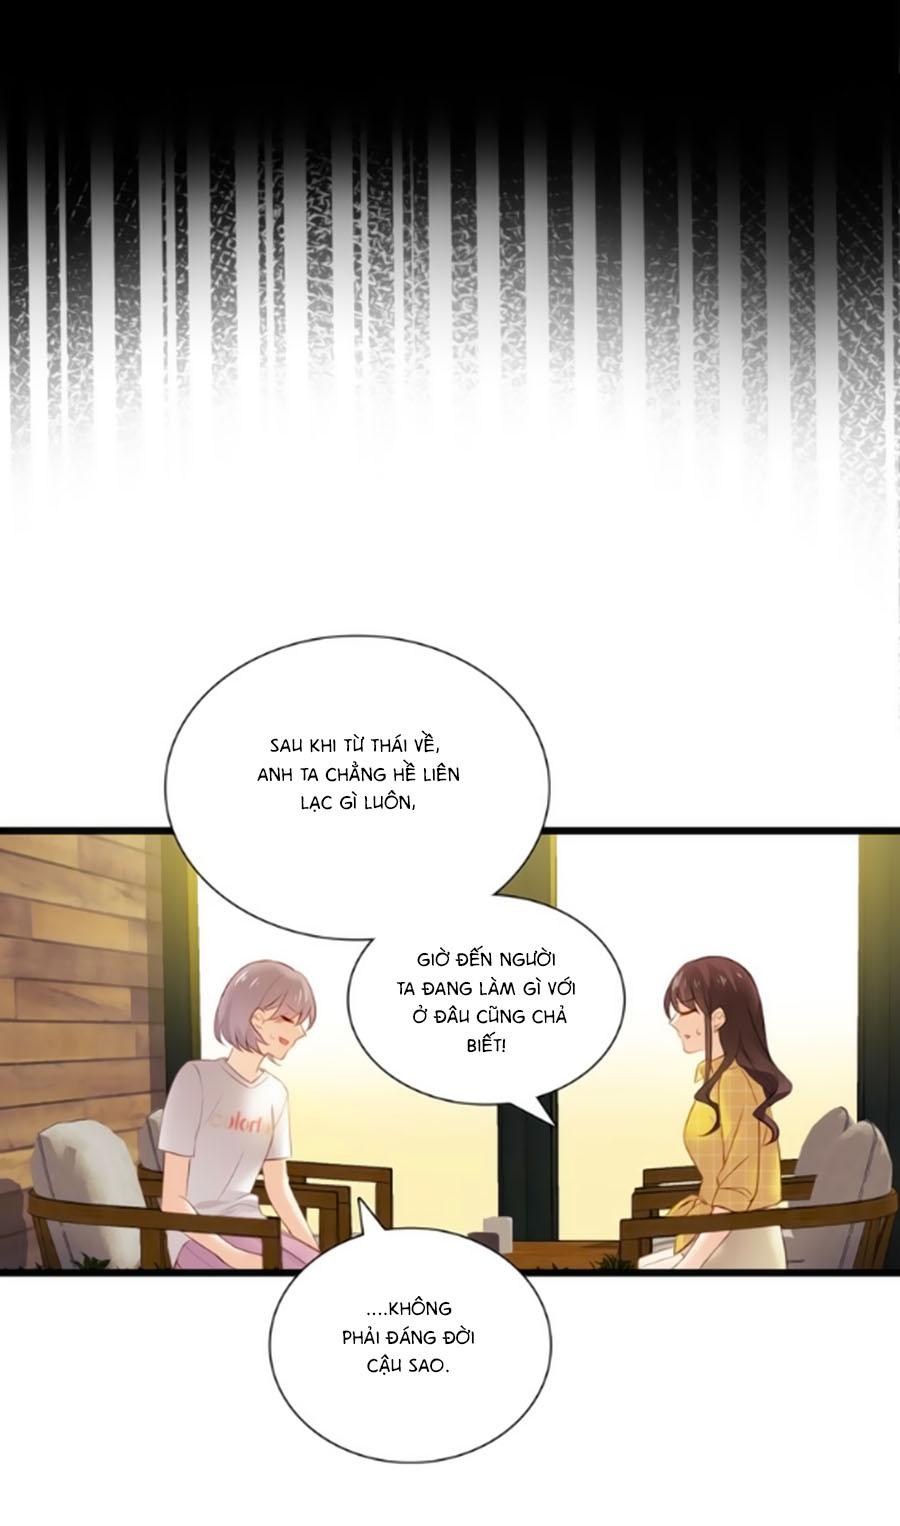 Tình Yêu Là Thế 2 Chap 9 - Next Chap 10